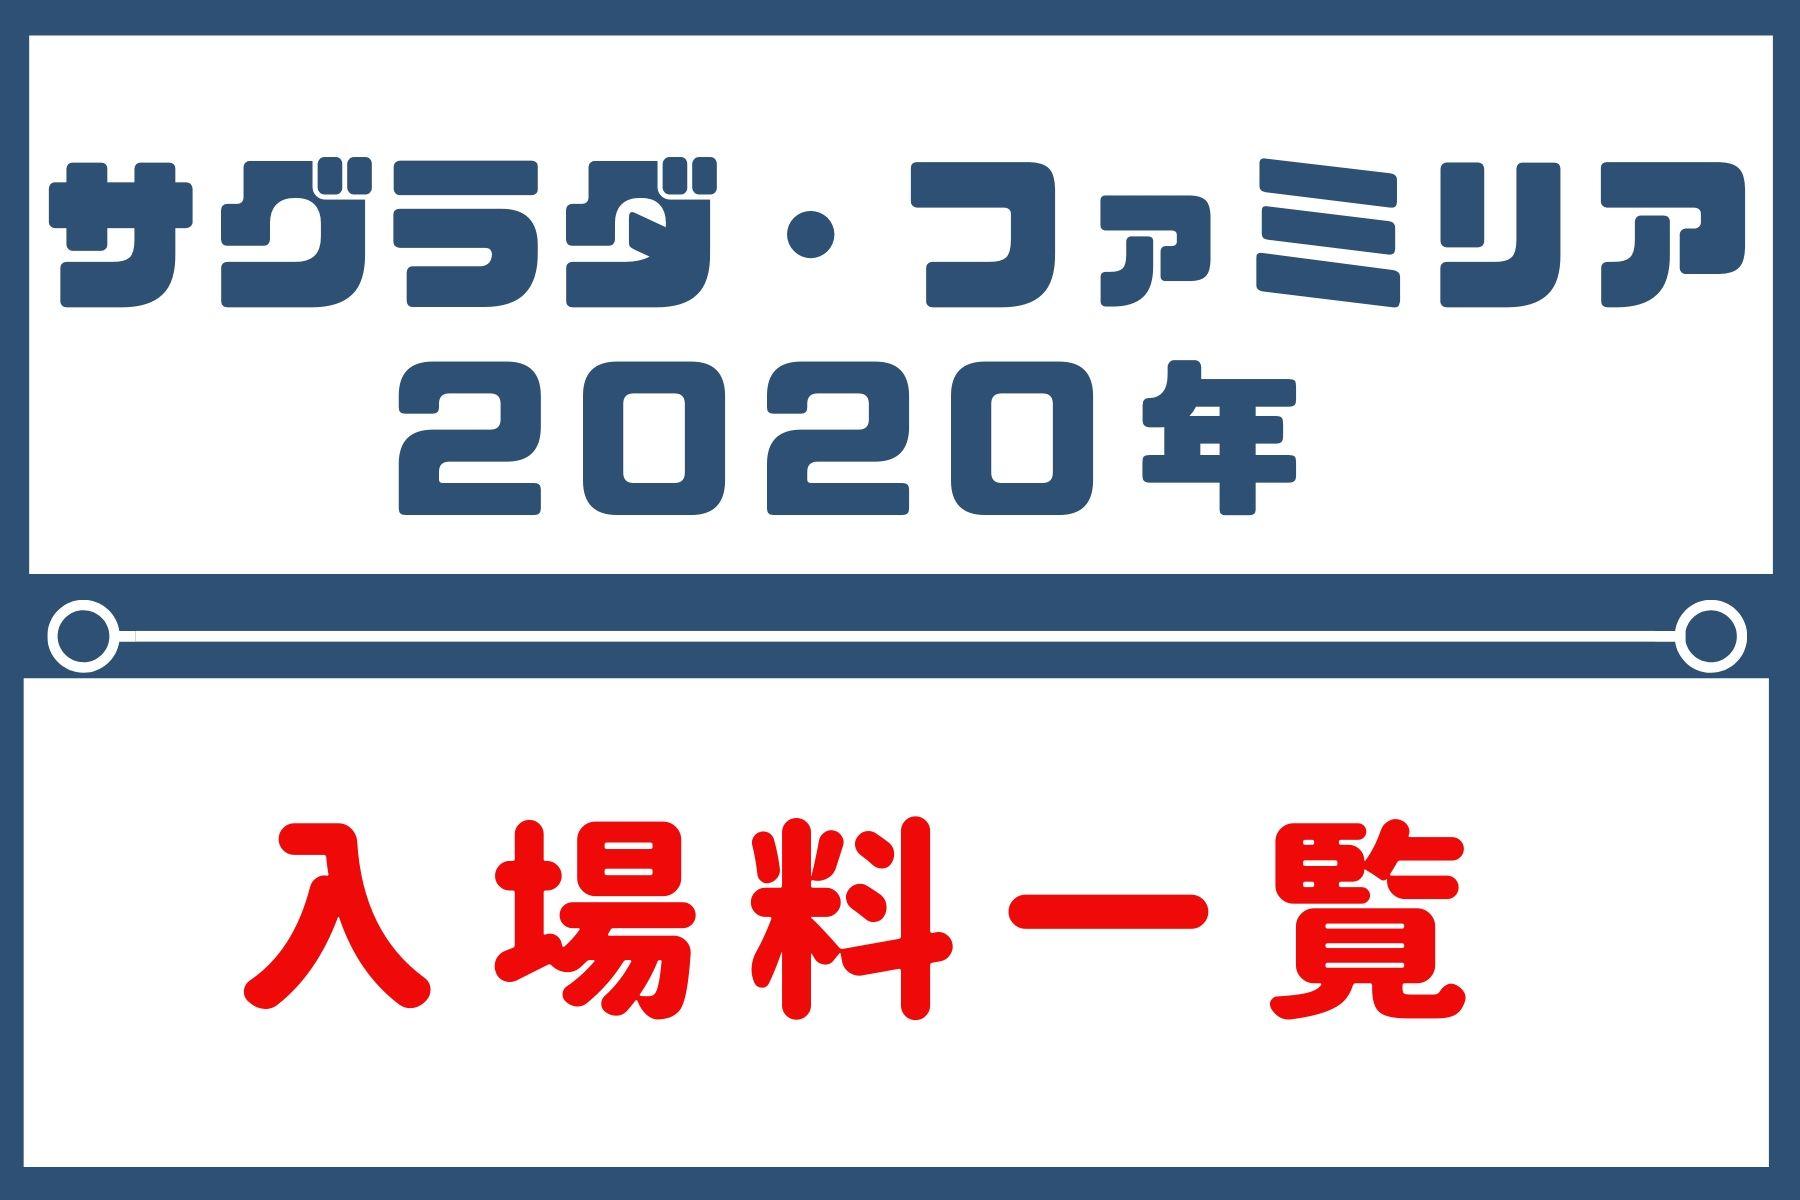 サグラダ・ファミリアの入場料一覧【2020年版】値上げされてます。